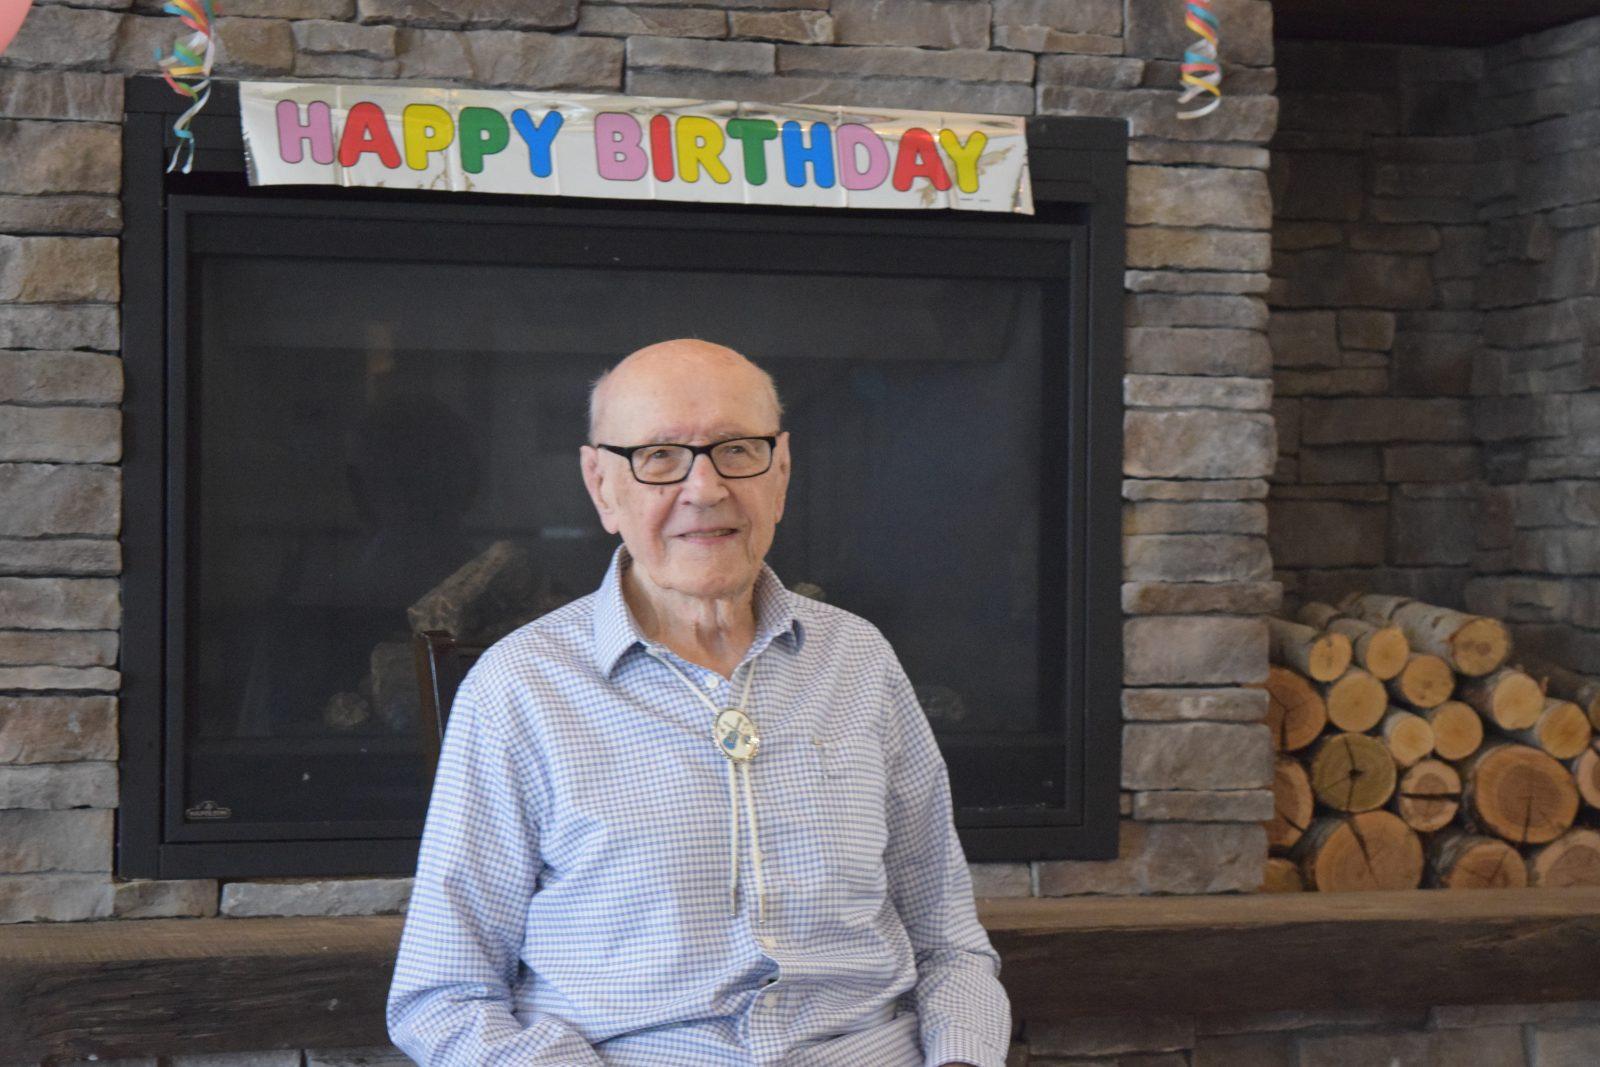 Rene Proulx celebrates 100 years